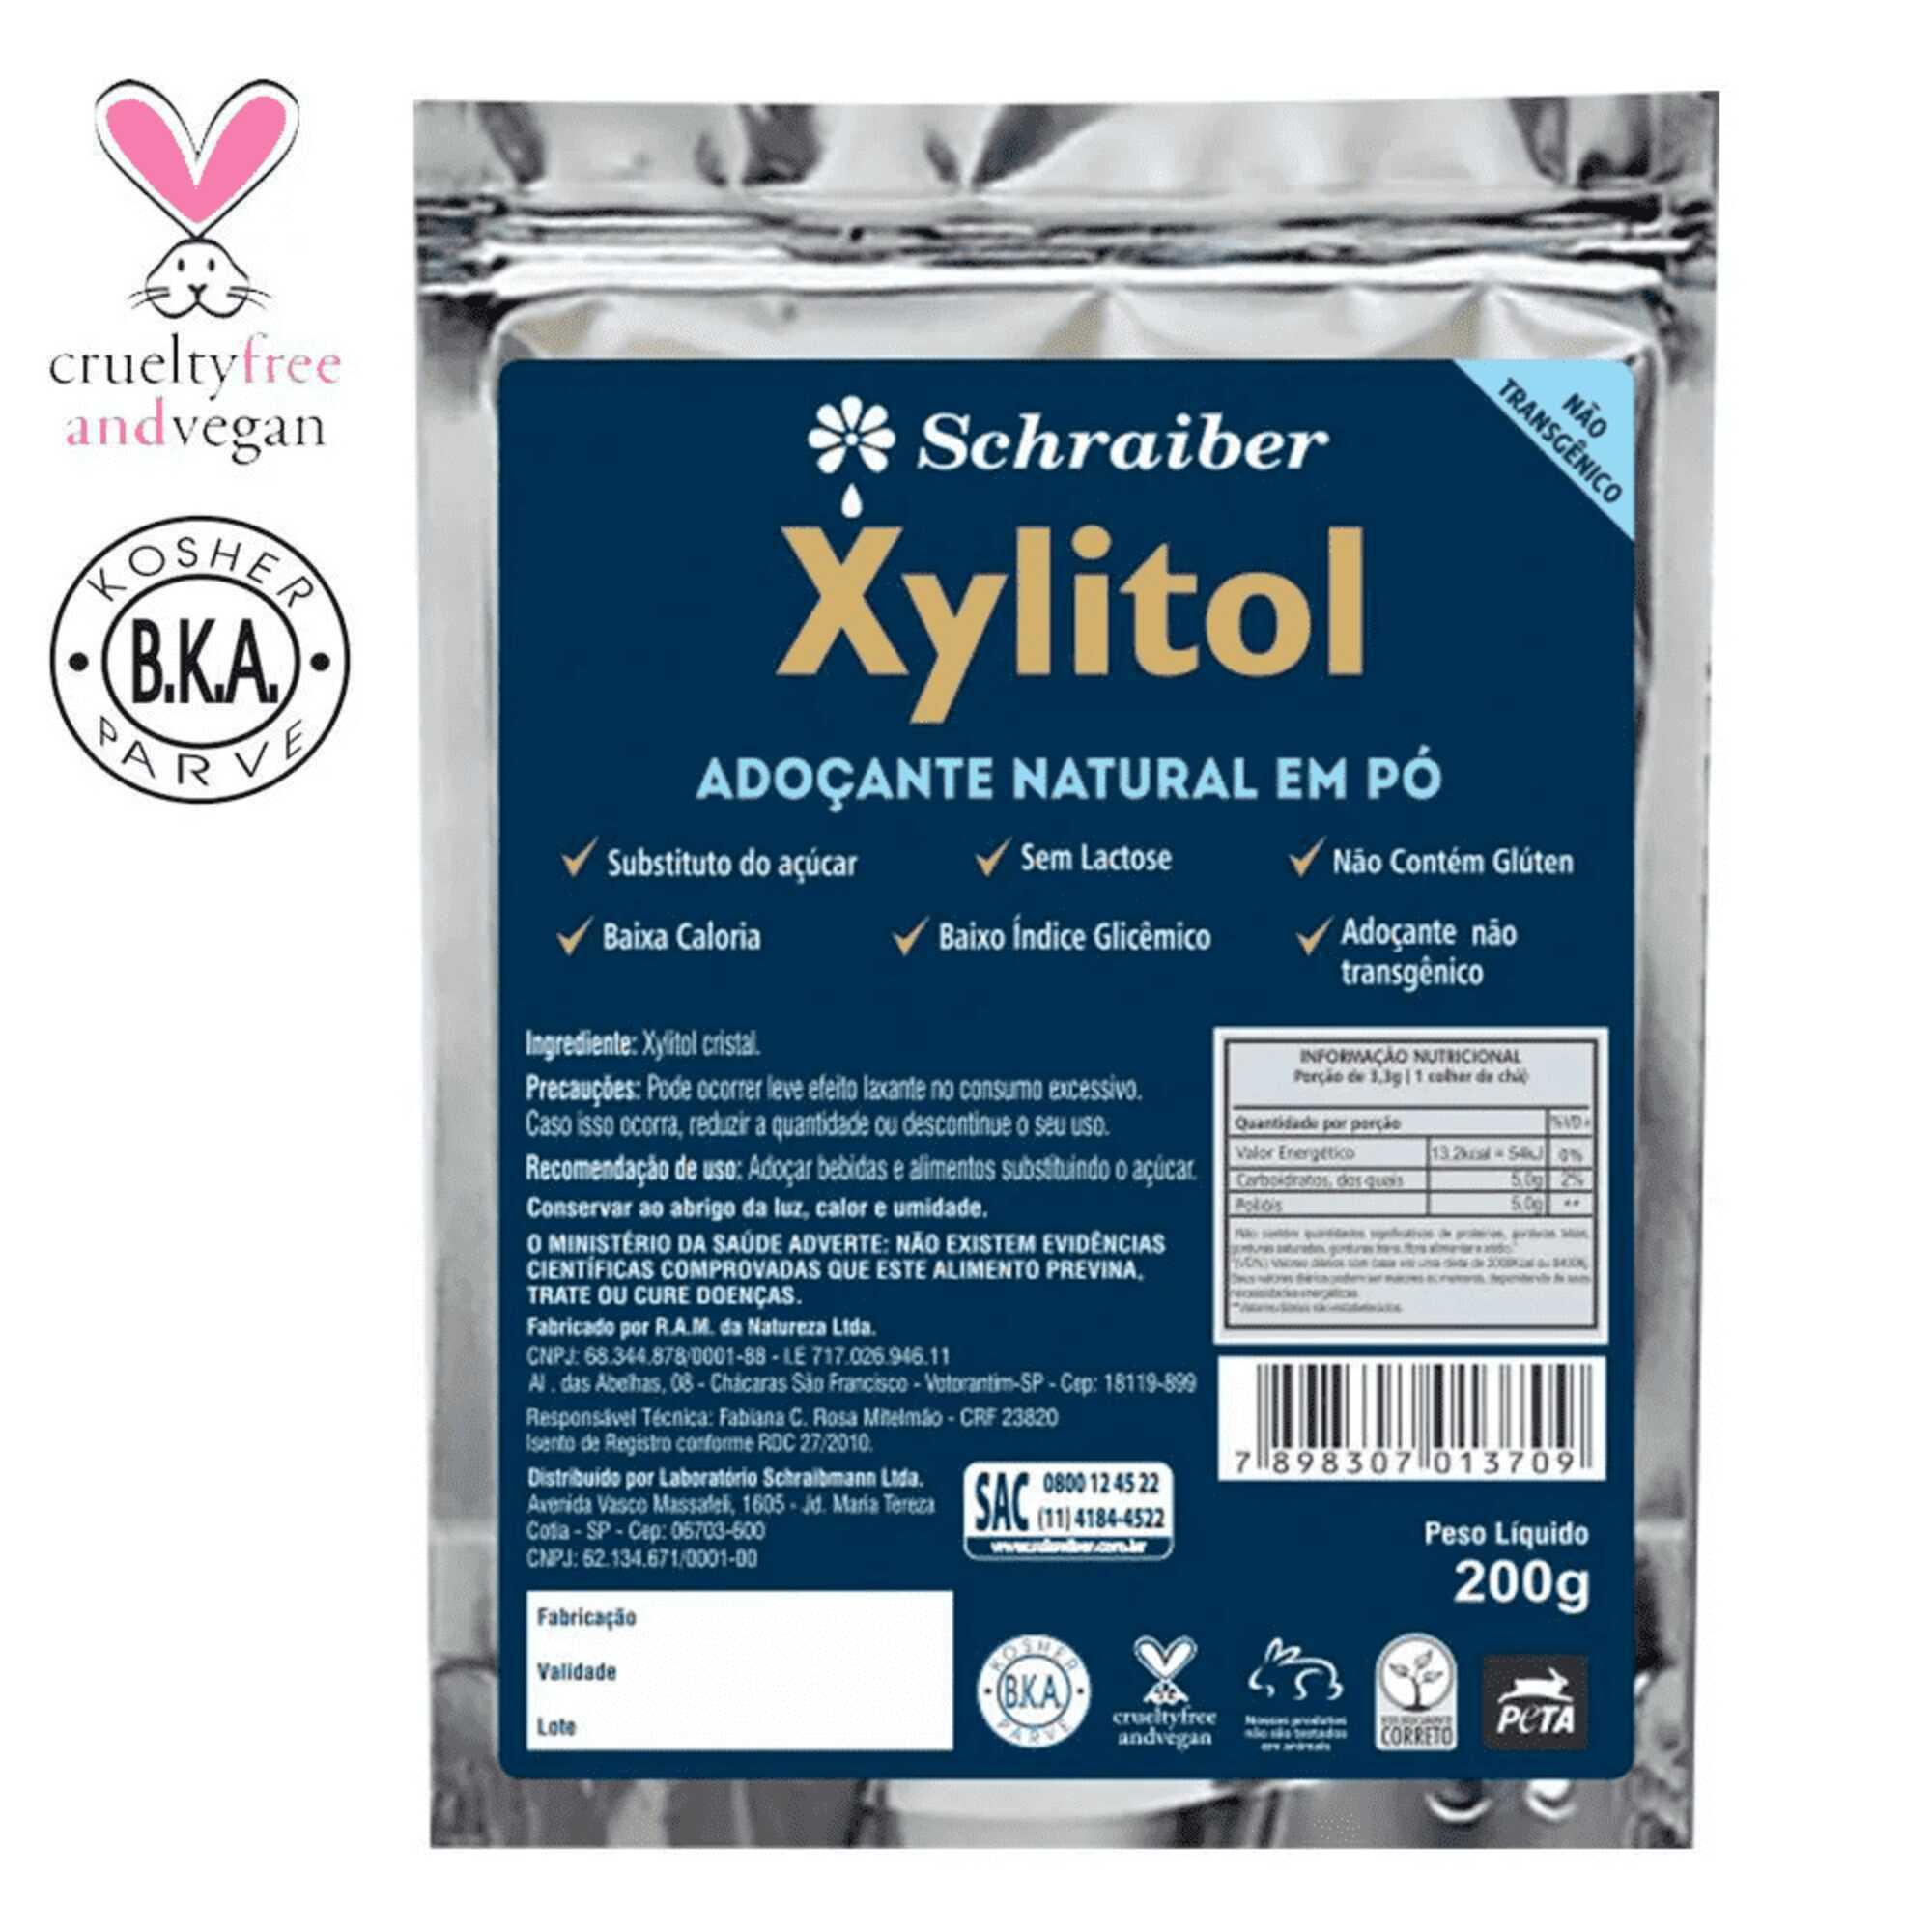 Xylitol 200g Schraiber